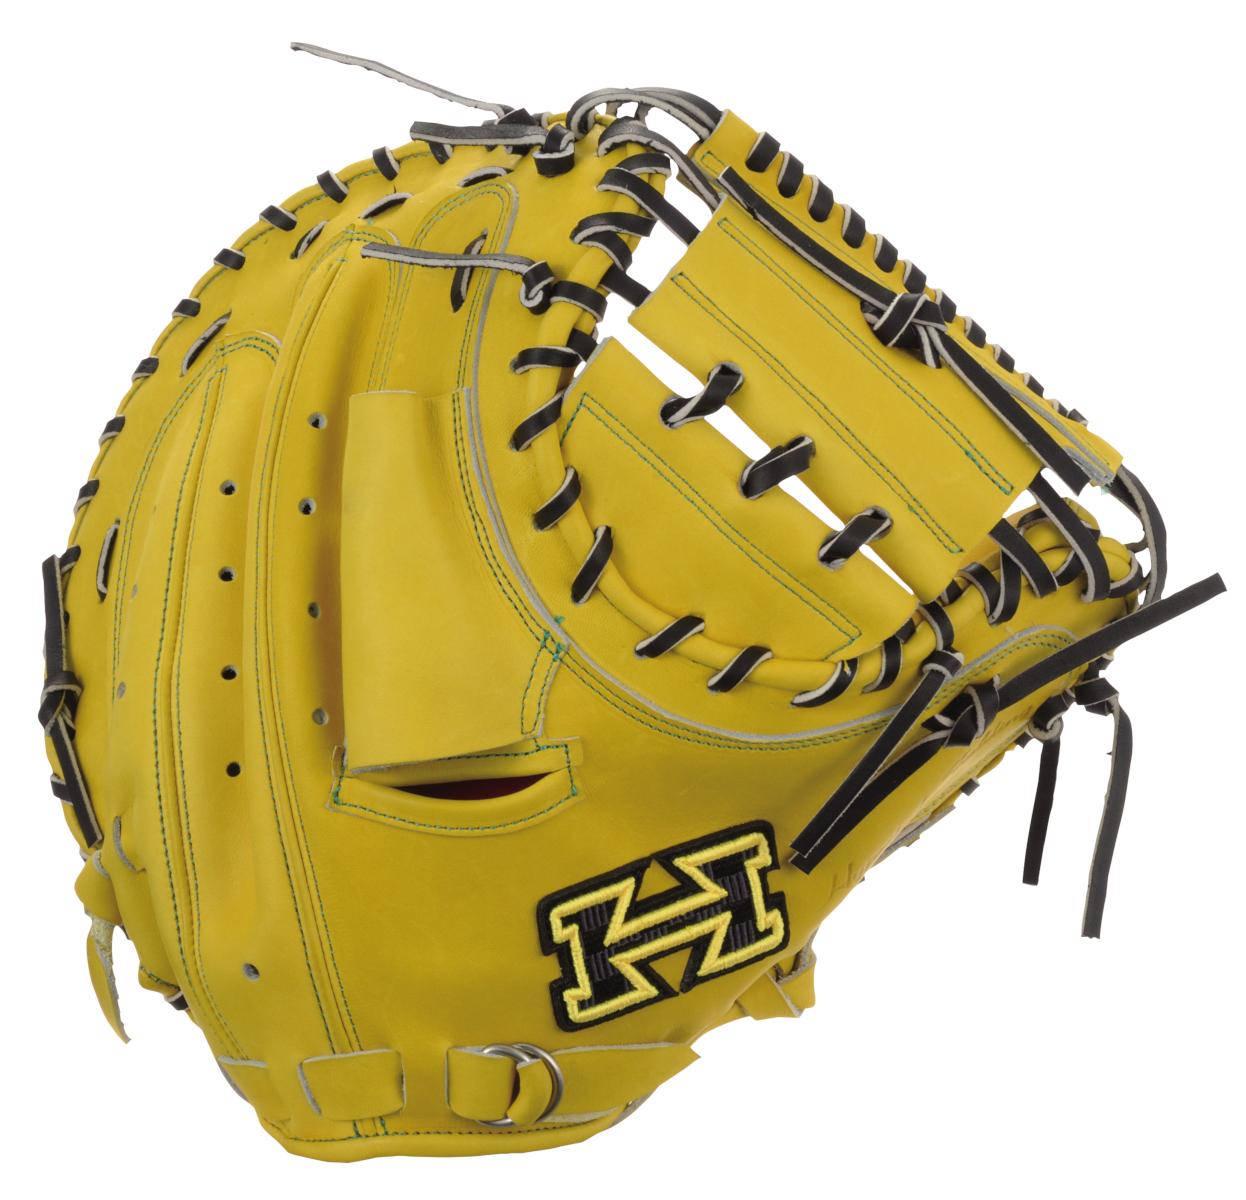 ハイゴールド 硬式野球ミットPAG DELUXE(デラックス)シリーズ 捕手用グローブ ファーストバック PAGイエロー×ブラック 右投げ PAGC200 送料無料 2020年モデル